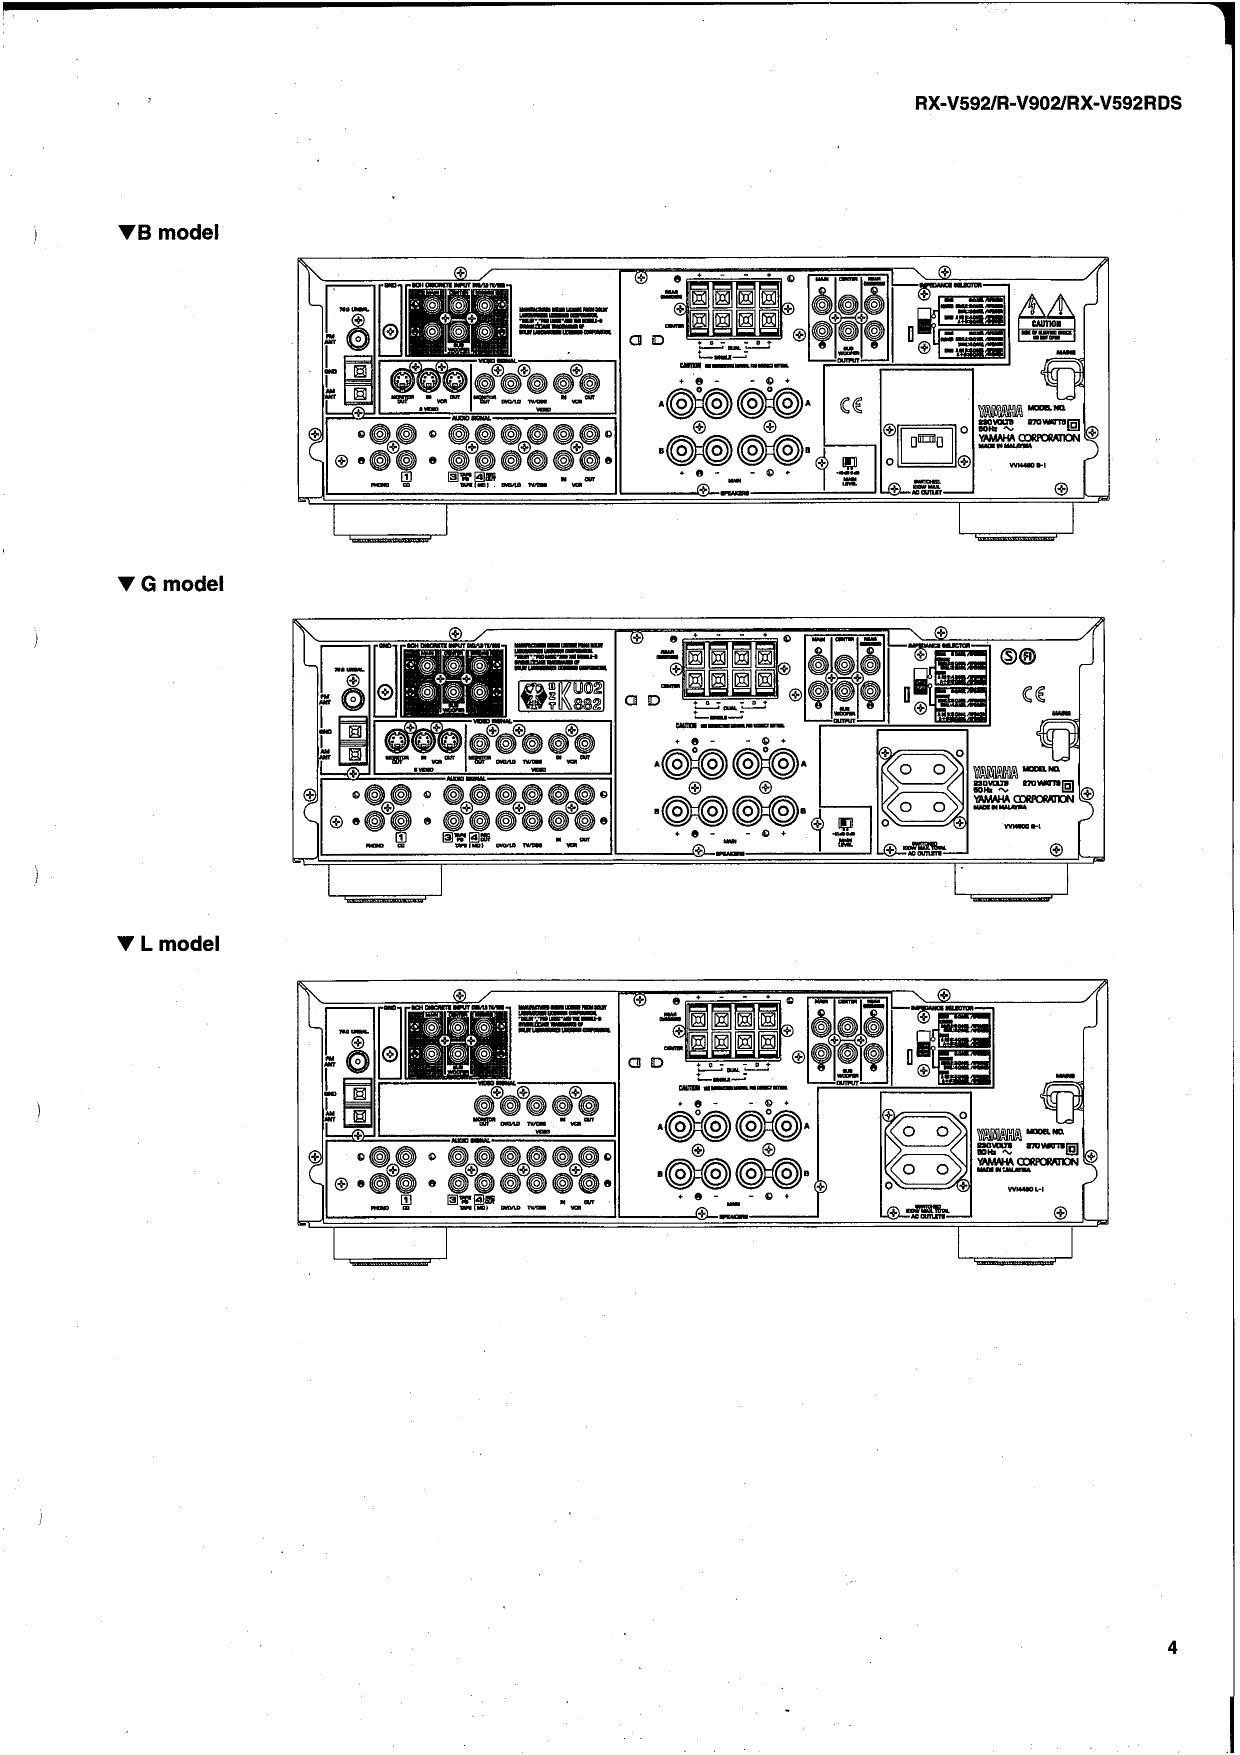 pdf manual for yamaha receiver r v902 rh umlib com Yamaha YZF-R6 Yamaha YZF-R6